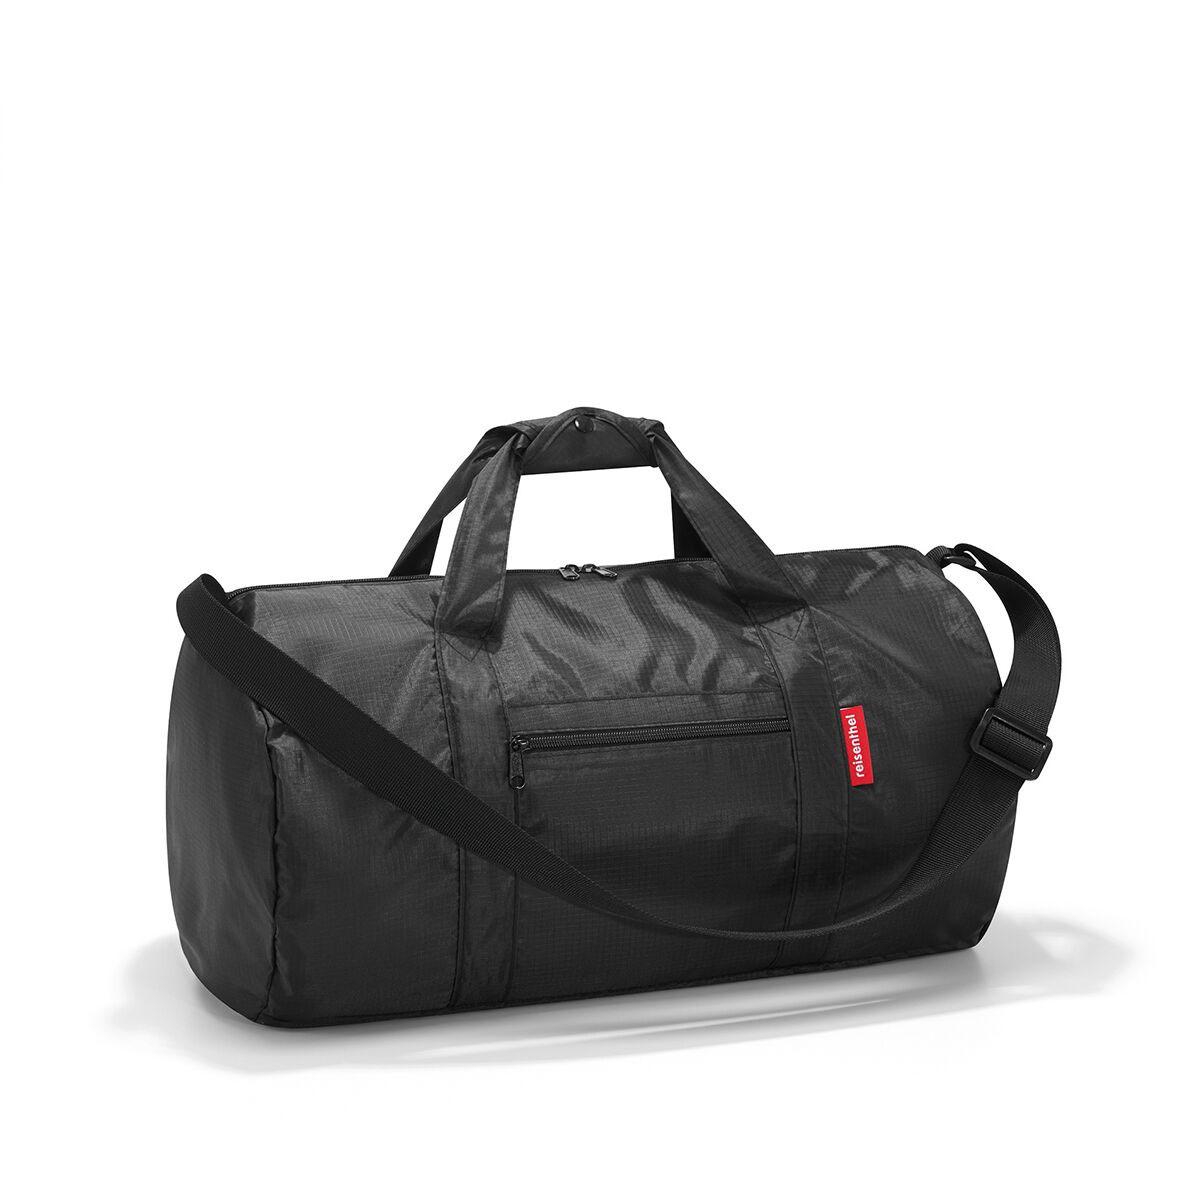 Сумка спортивная женская Reisenthel, цвет: черный. AM7003AM7003Универсальная сумка-трансформер серии Mini Maxi, предназначенная для путешествий и спорта. Подходит для хранения, компактно складывается в собственный внутренний карман. У модели вместительное основное отделение на молнии, экономит место при хранении и перевозке в сложенном состоянии, регулируемый наплечный ремень, ручки для переноски, регулируемые при помощи специальных застежек, два внешних кармана на молнии, материал: высококачественный водостойкий полиэстер, объем - 20 литров.